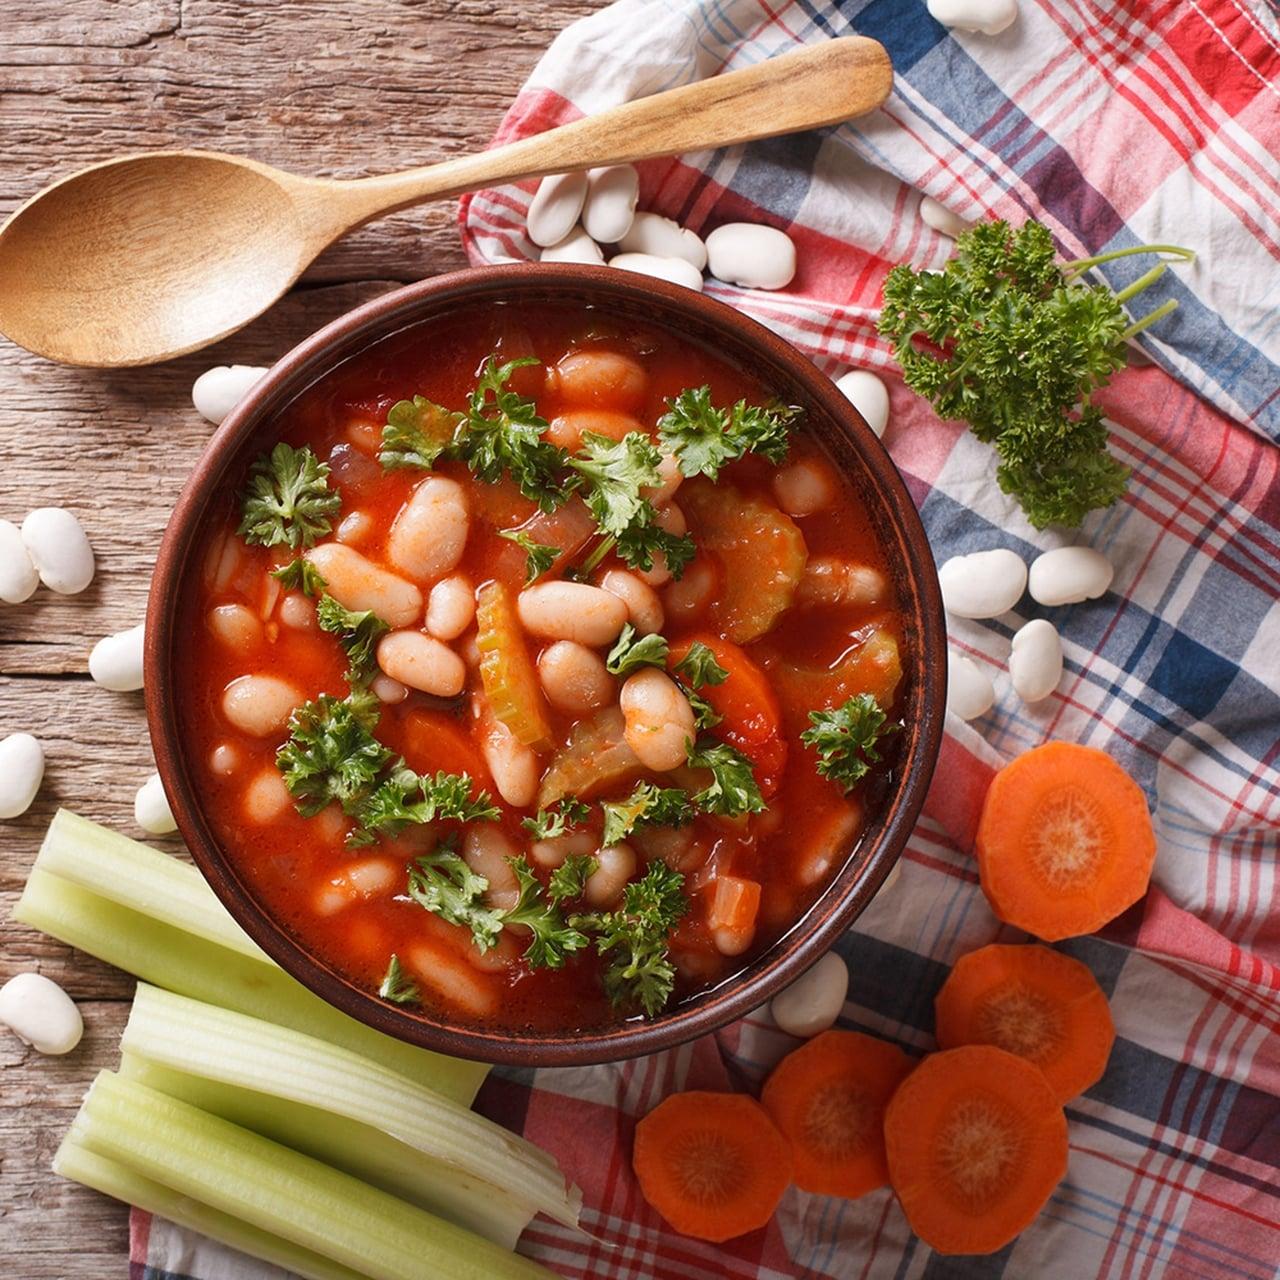 طريقة عمل شوربة الطماطم بالخضروات الراقية